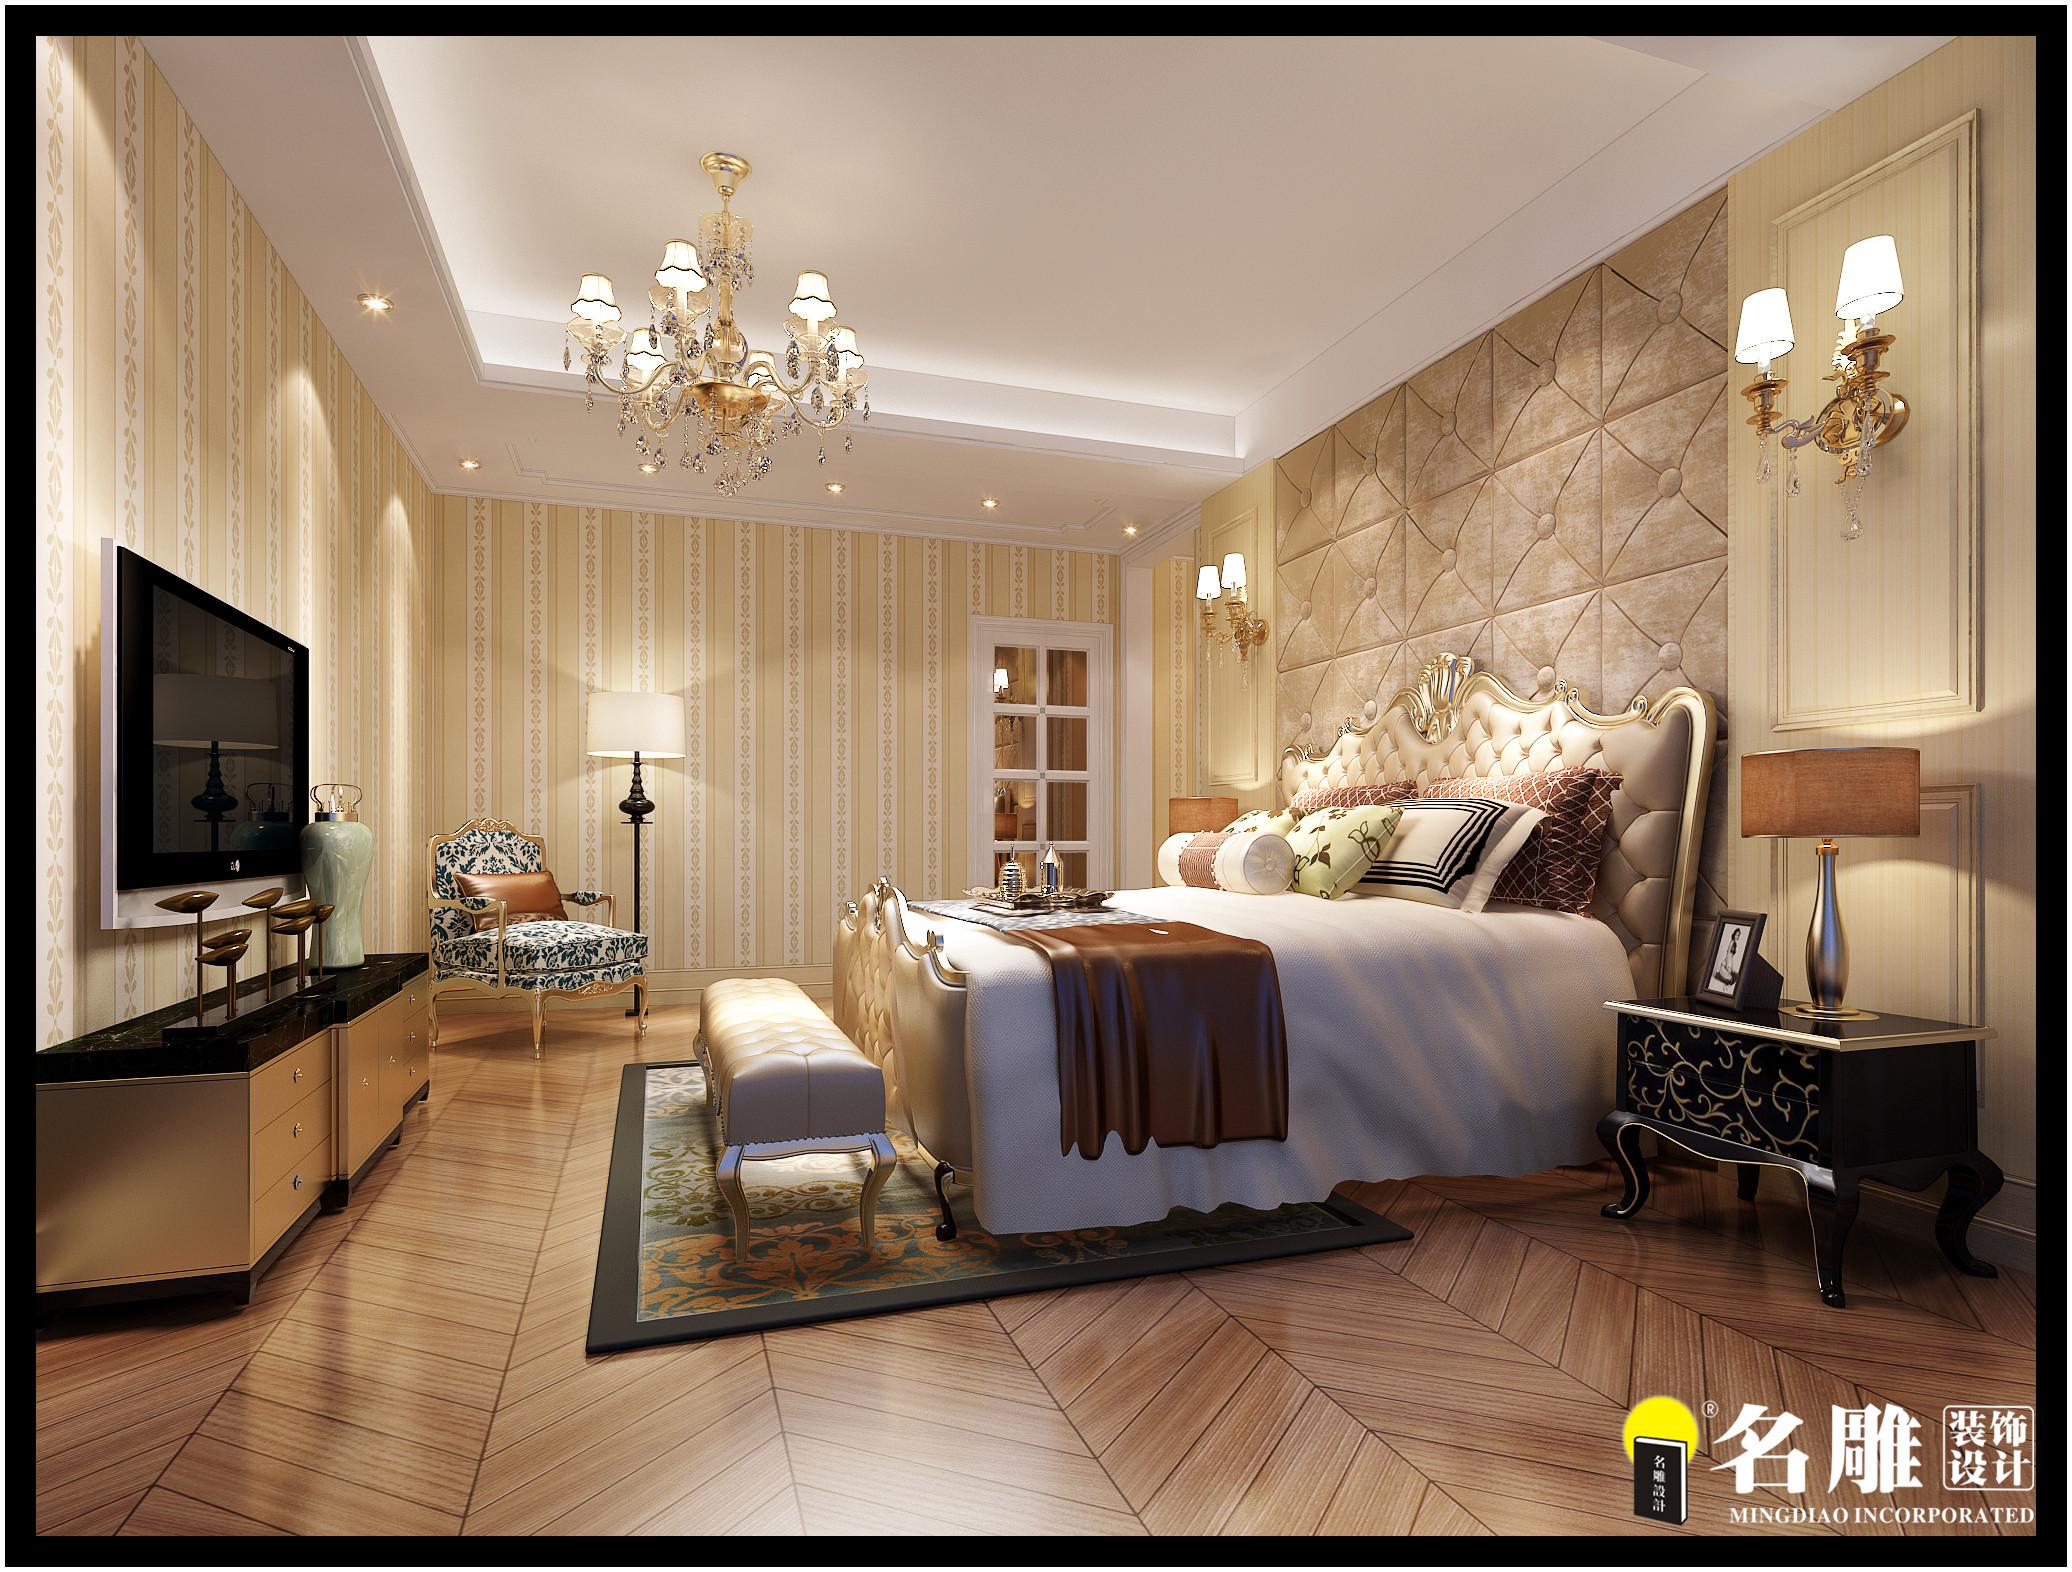 欧式 三居 环保 华丽 温和 卧室图片来自名雕装饰长沙分公司在中粮北纬28°欧式平层的分享